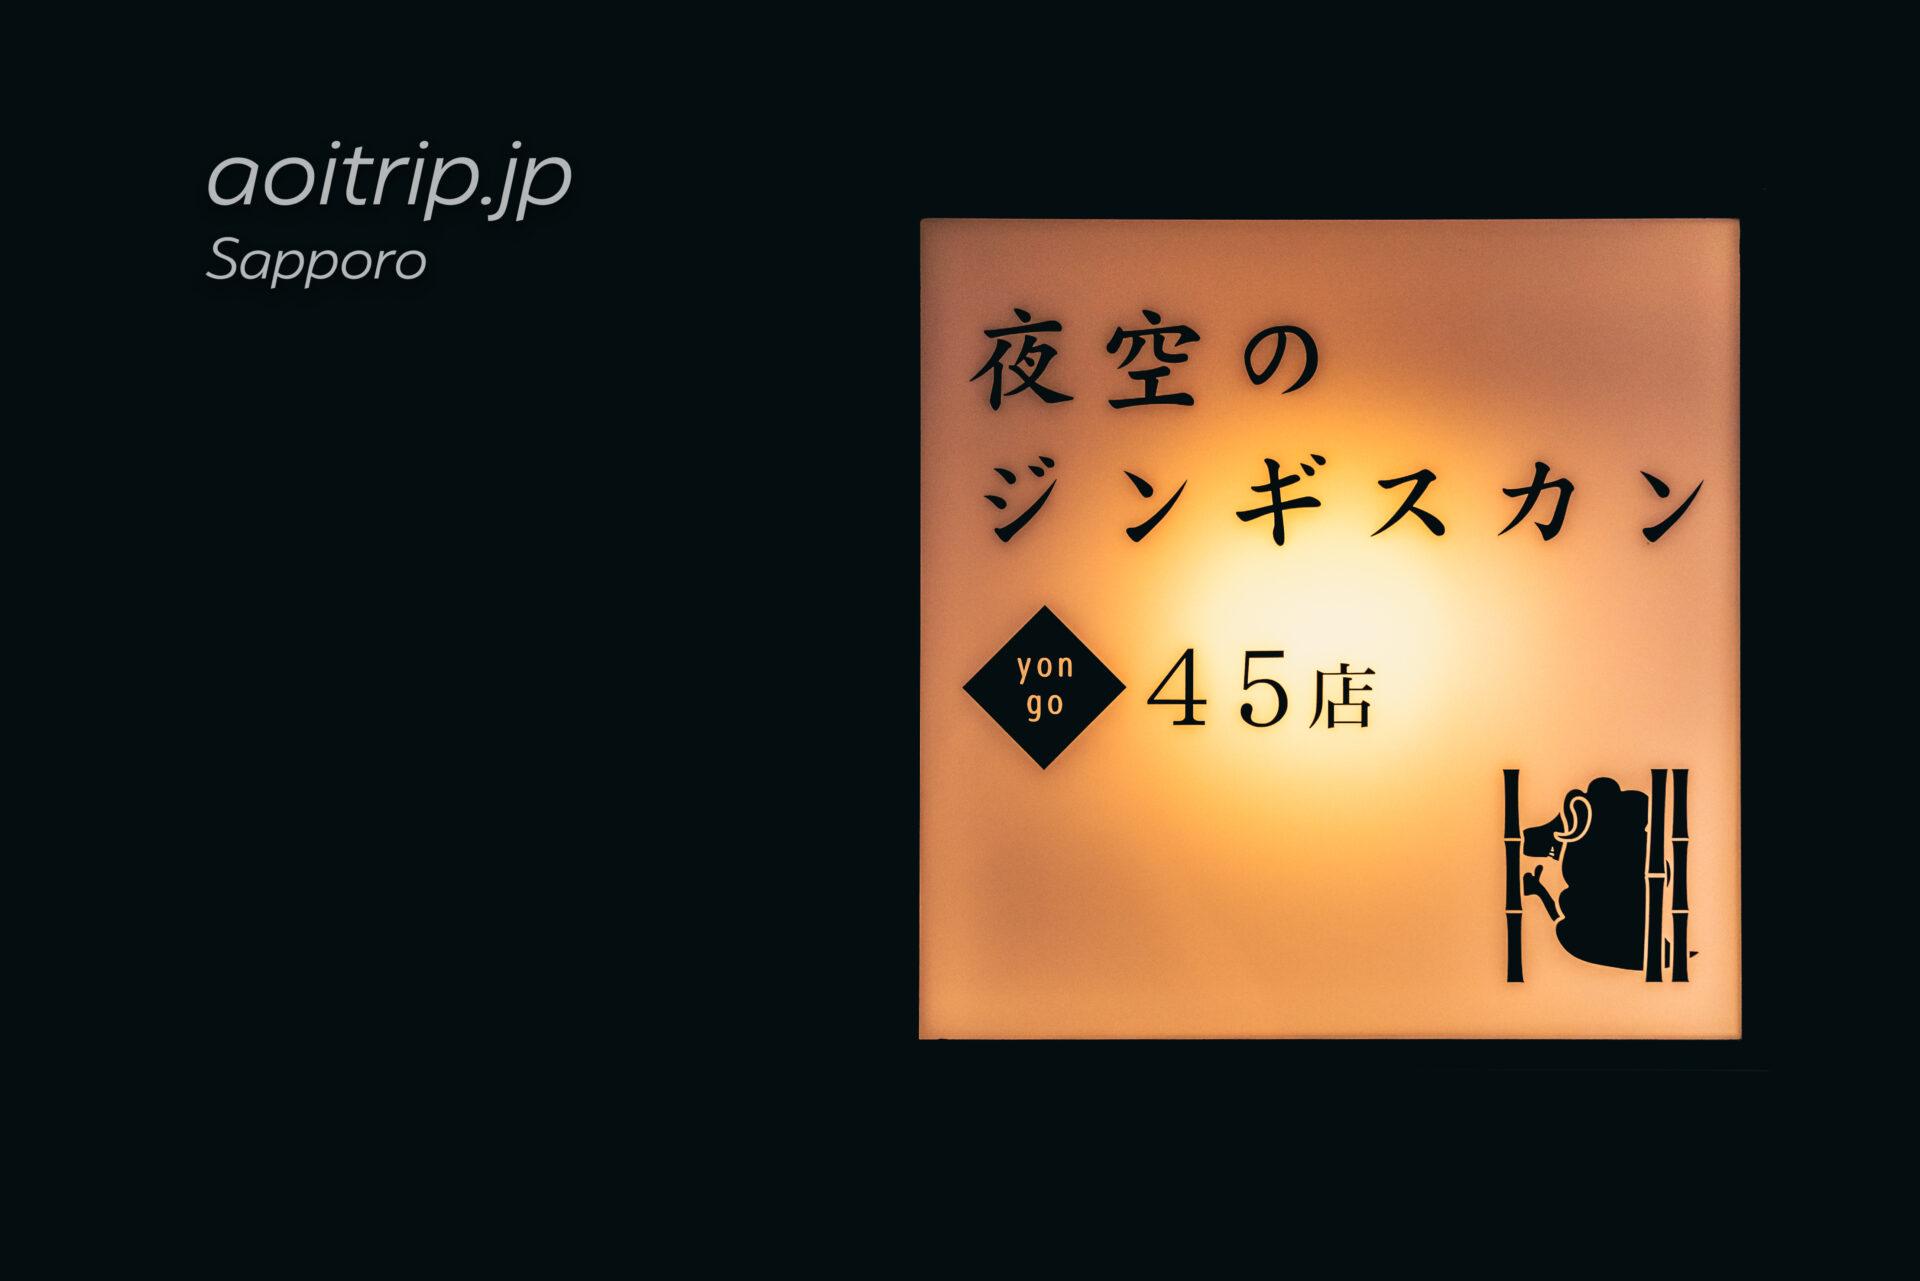 札幌 夜空のジンギスカン Yozora no Genghis Khan, Sapporo